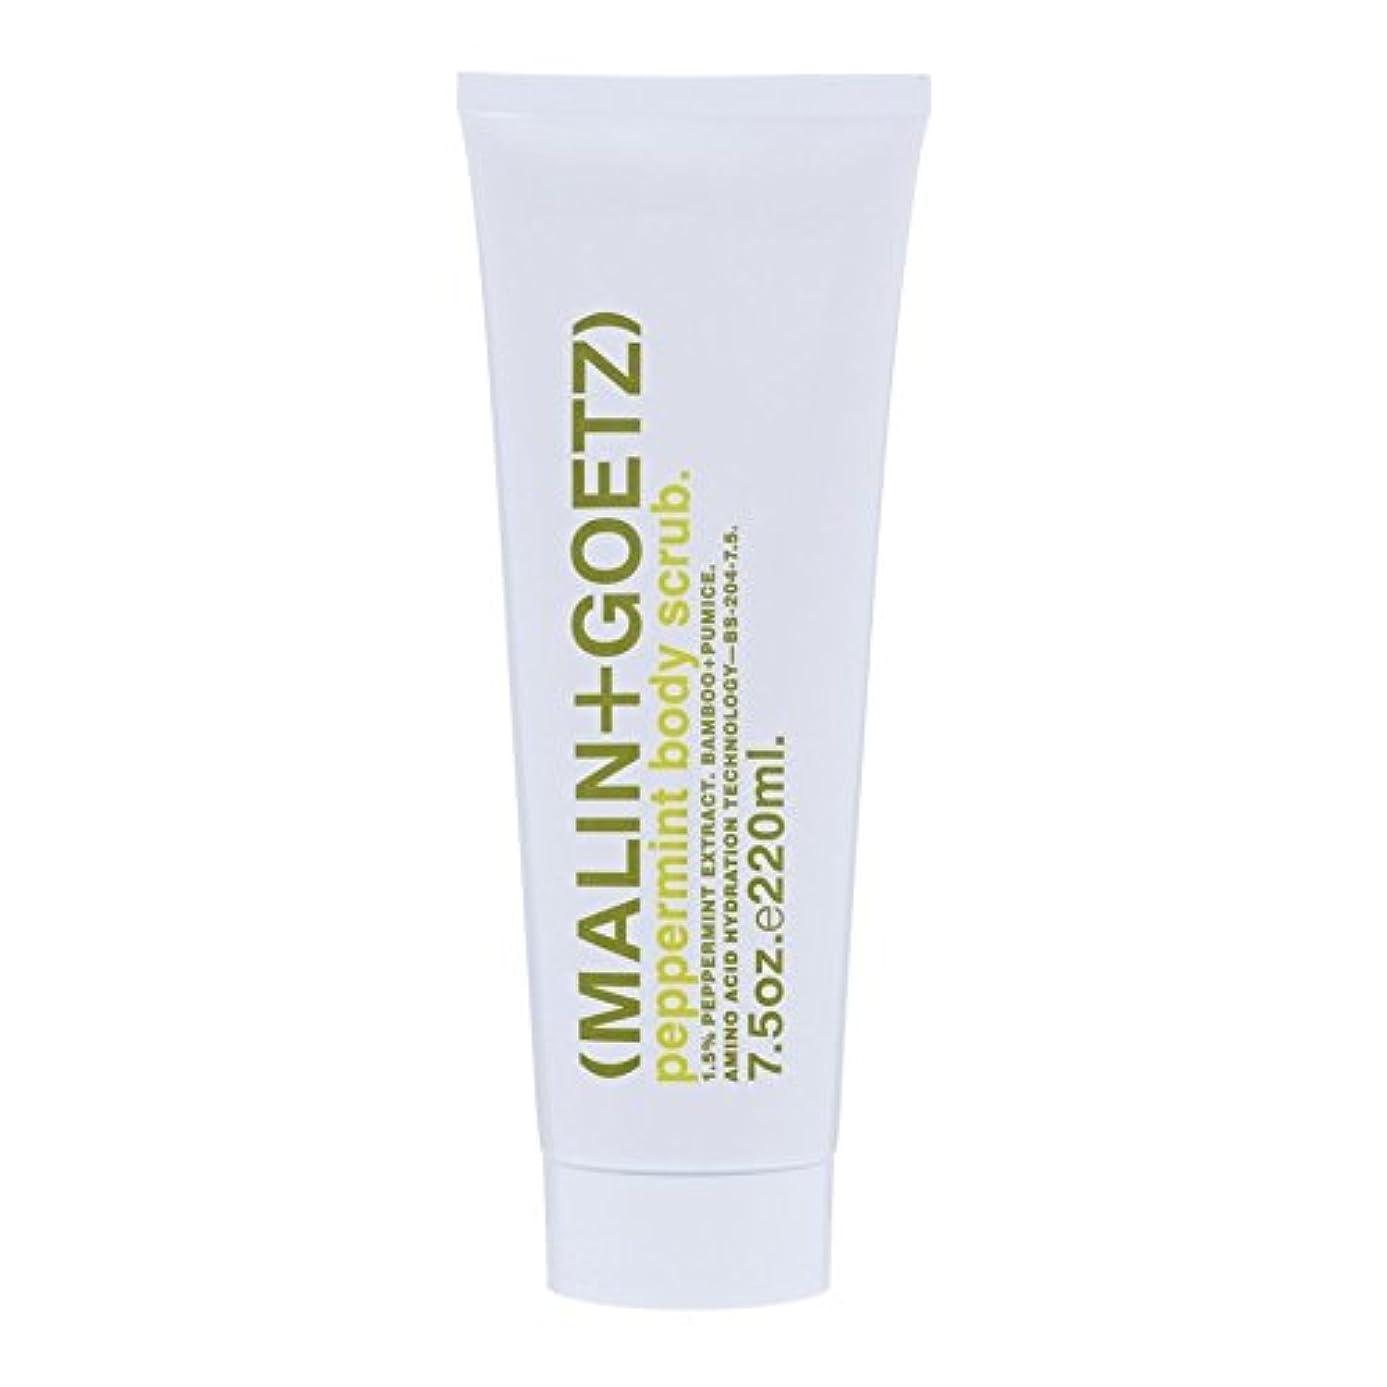 リスト湿気の多い接触(MALIN+GOETZ) Peppermint Body Scrub 220ml - (マリン+ゲッツ)ペパーミントボディスクラブ220ミリリットル [並行輸入品]